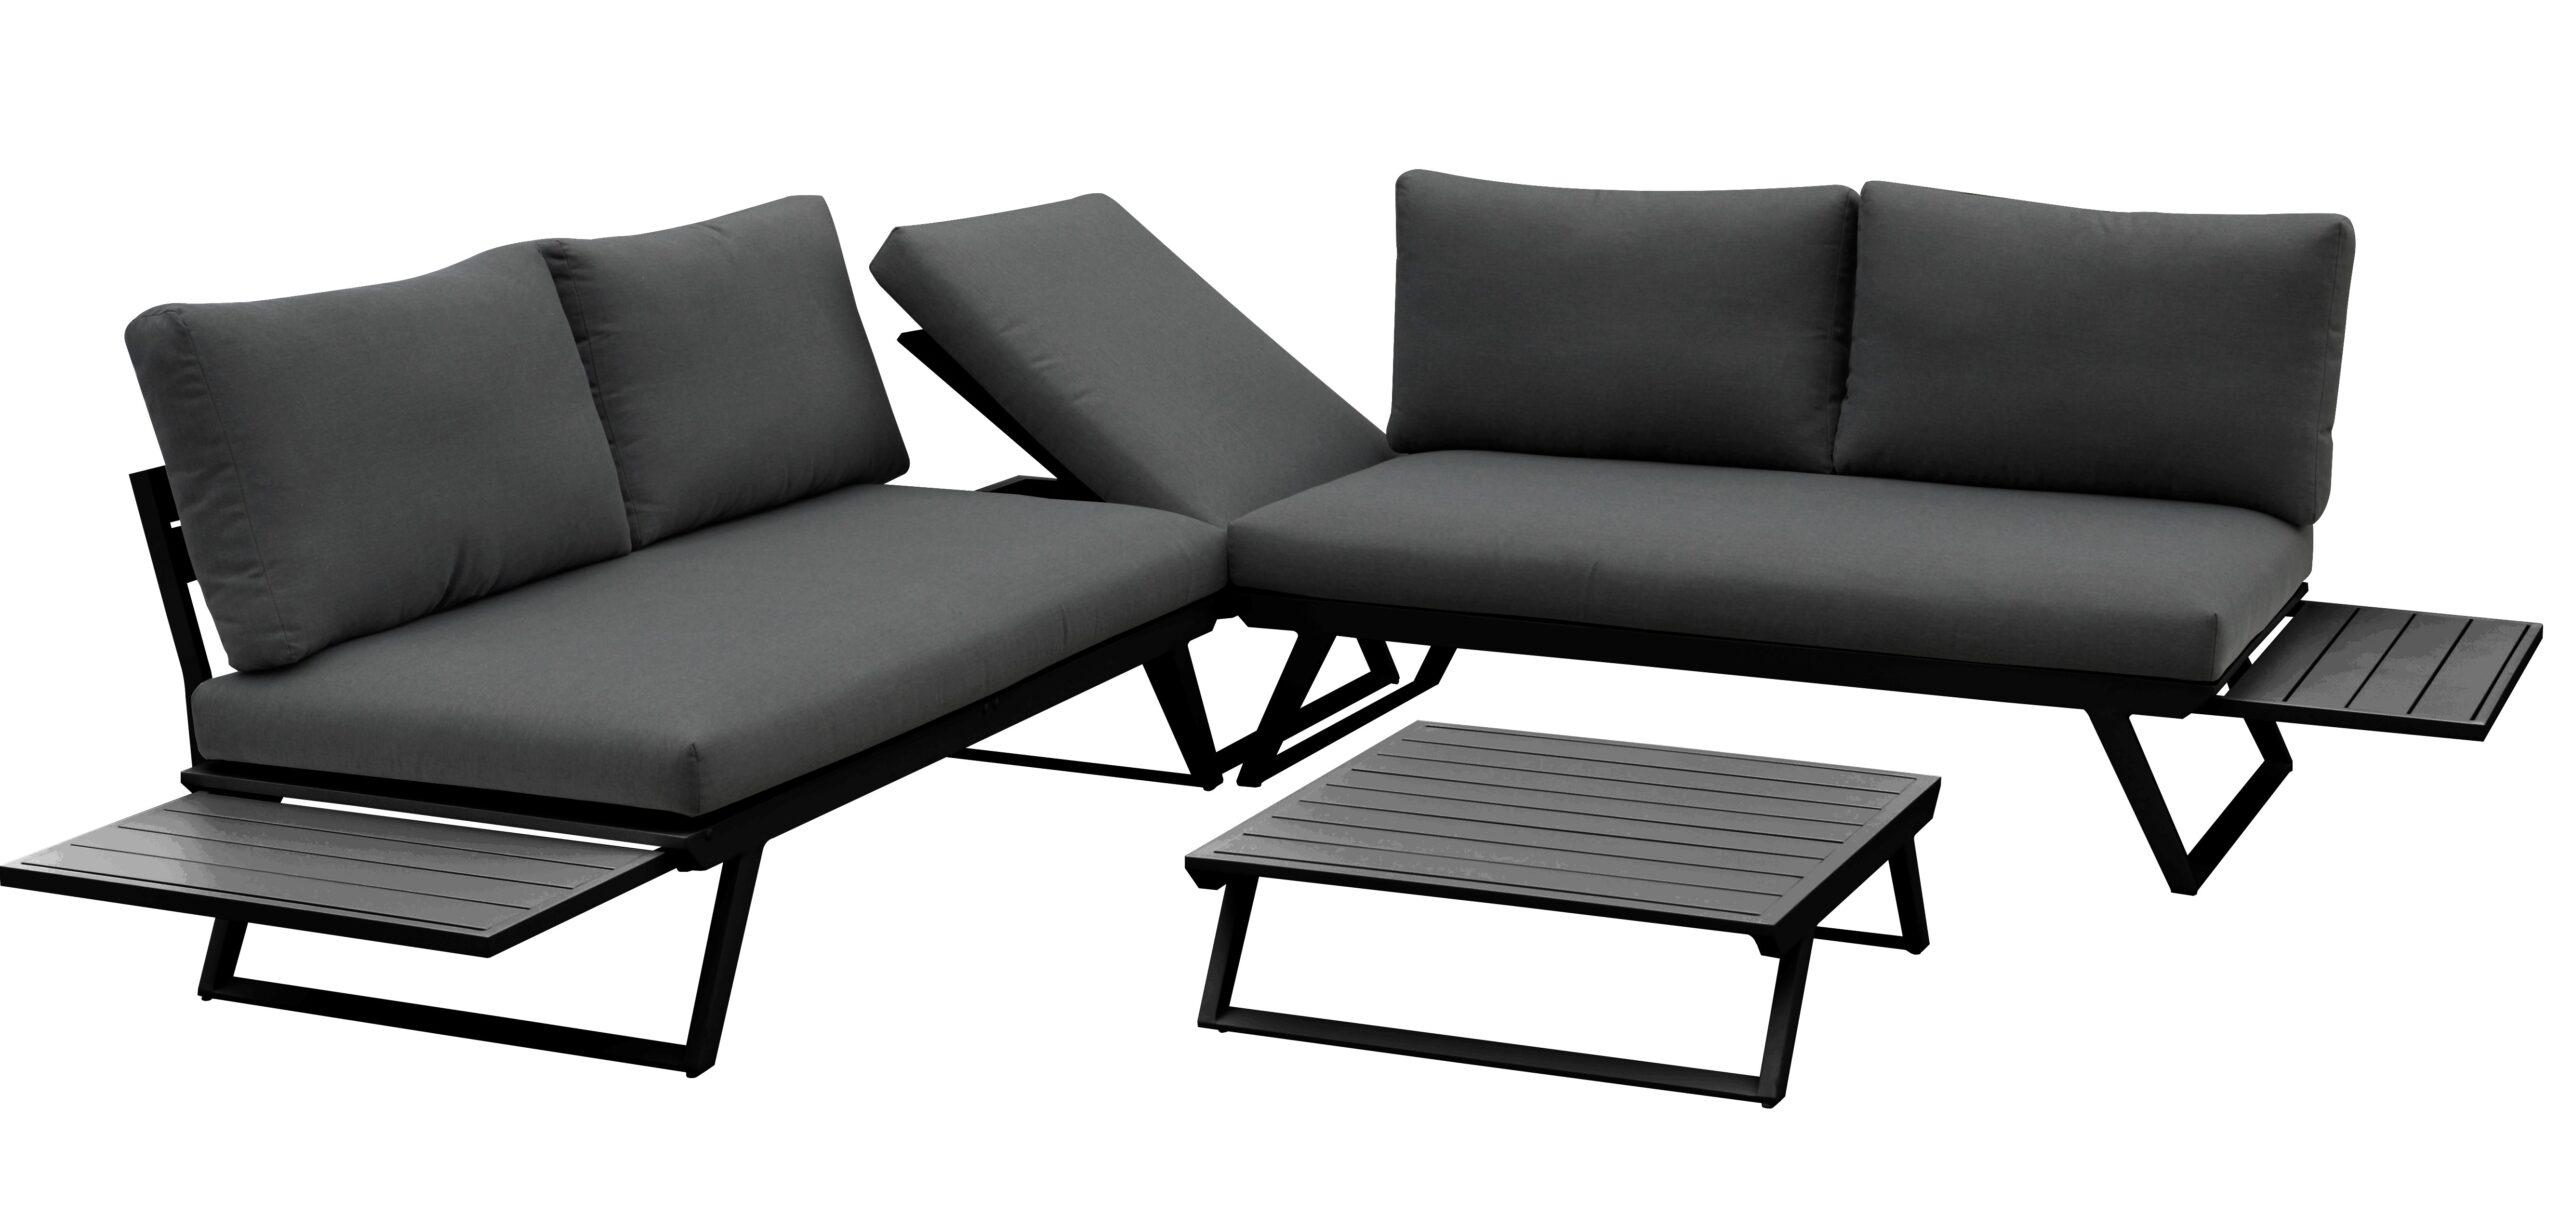 Svart utesofasett i aluminium med bord fra Fine Design hagemøbler